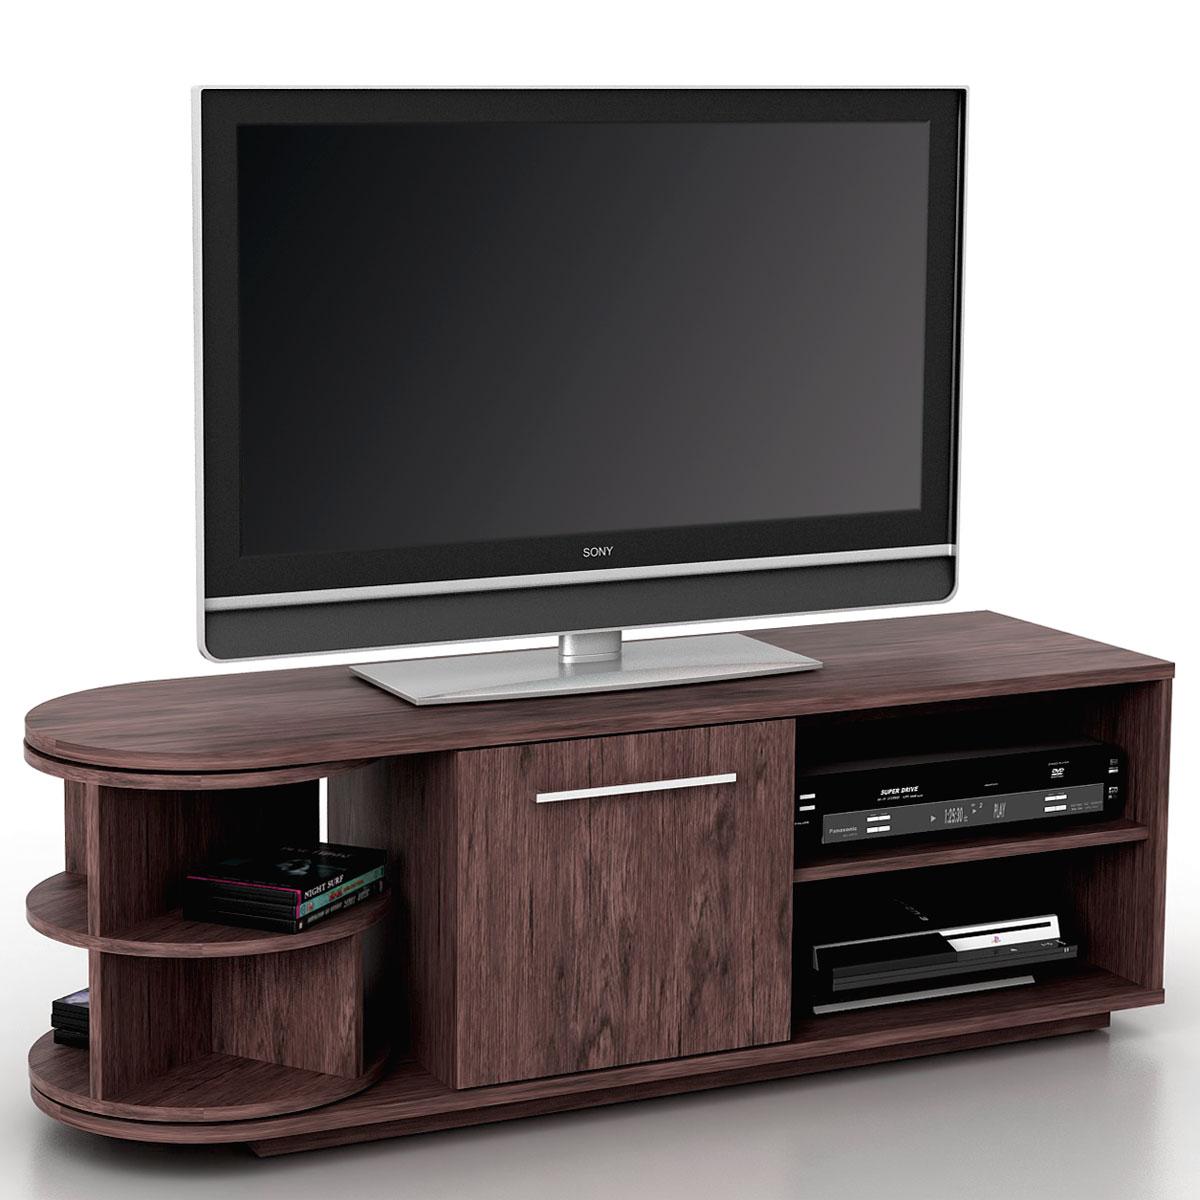 tv lowboard schiefer optik inspirierendes design f r wohnm bel. Black Bedroom Furniture Sets. Home Design Ideas